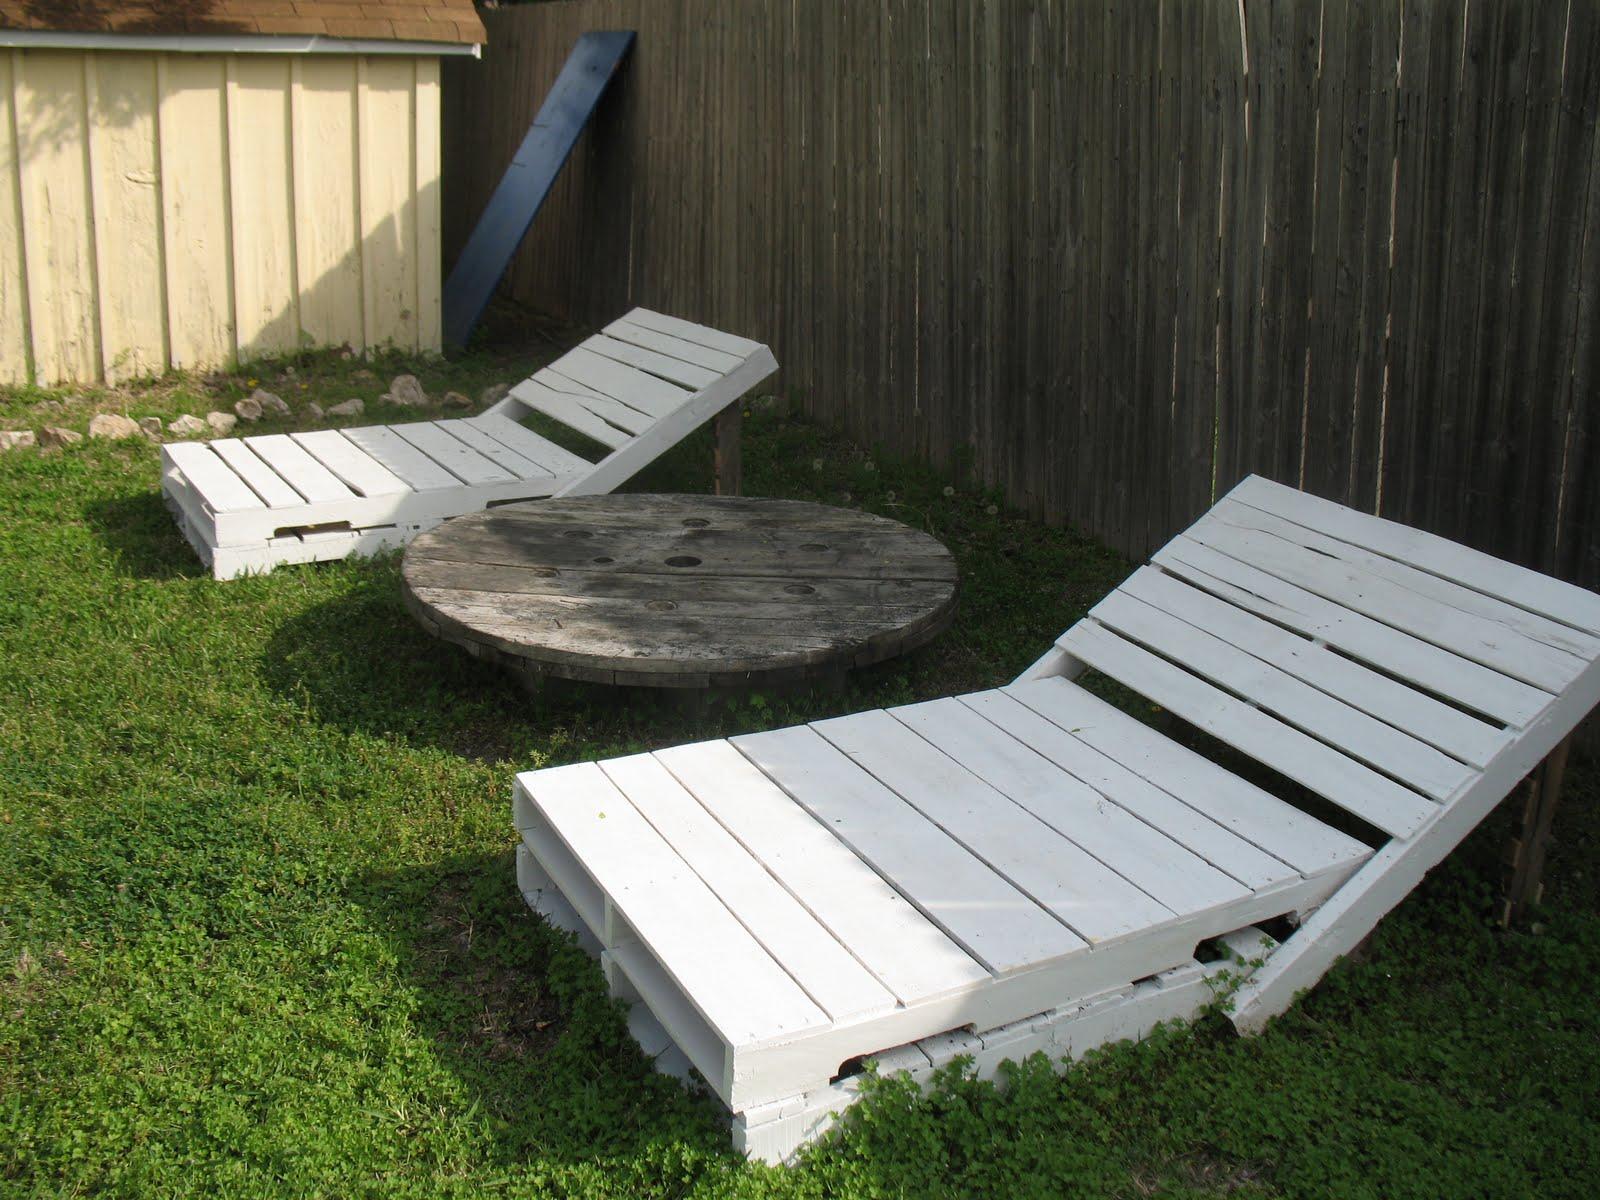 Aménager Son Balcon Avec Des Palettes 5 idées pour recycler des palettes en bois dans son jardin